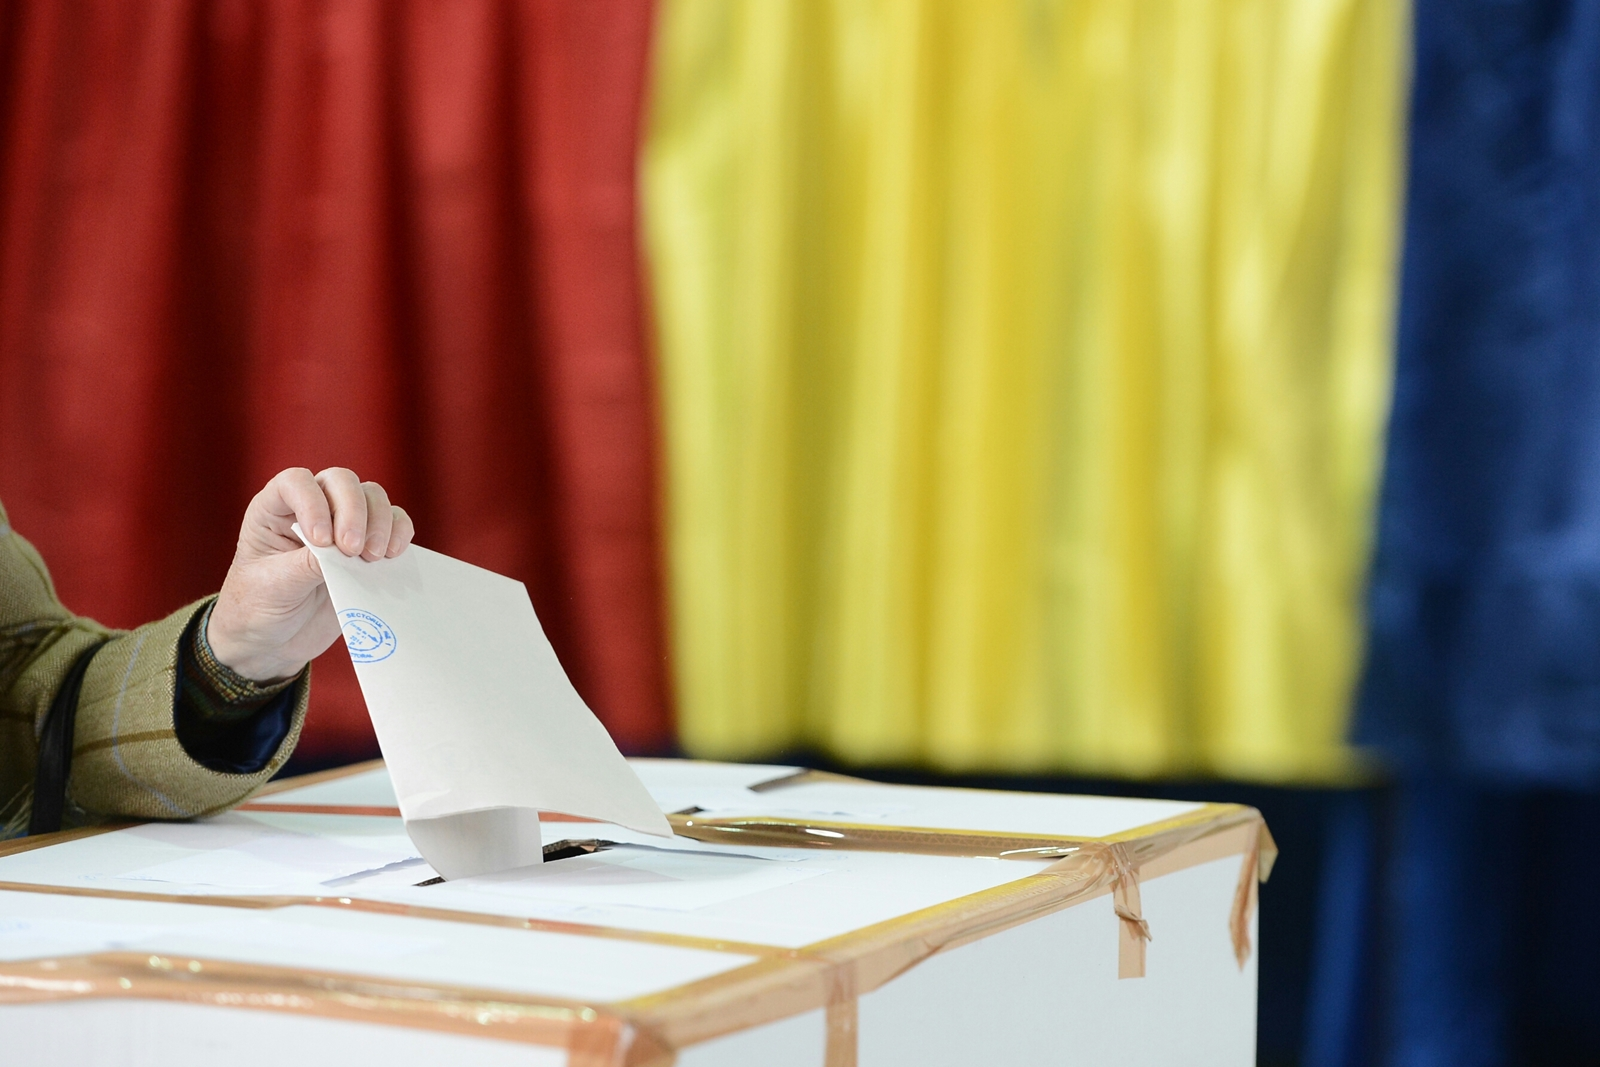 Editiadedimineata: Alegeri locale 2020. Cine sunt candidații care au intrat în cursa pentru conducerea Capitalei